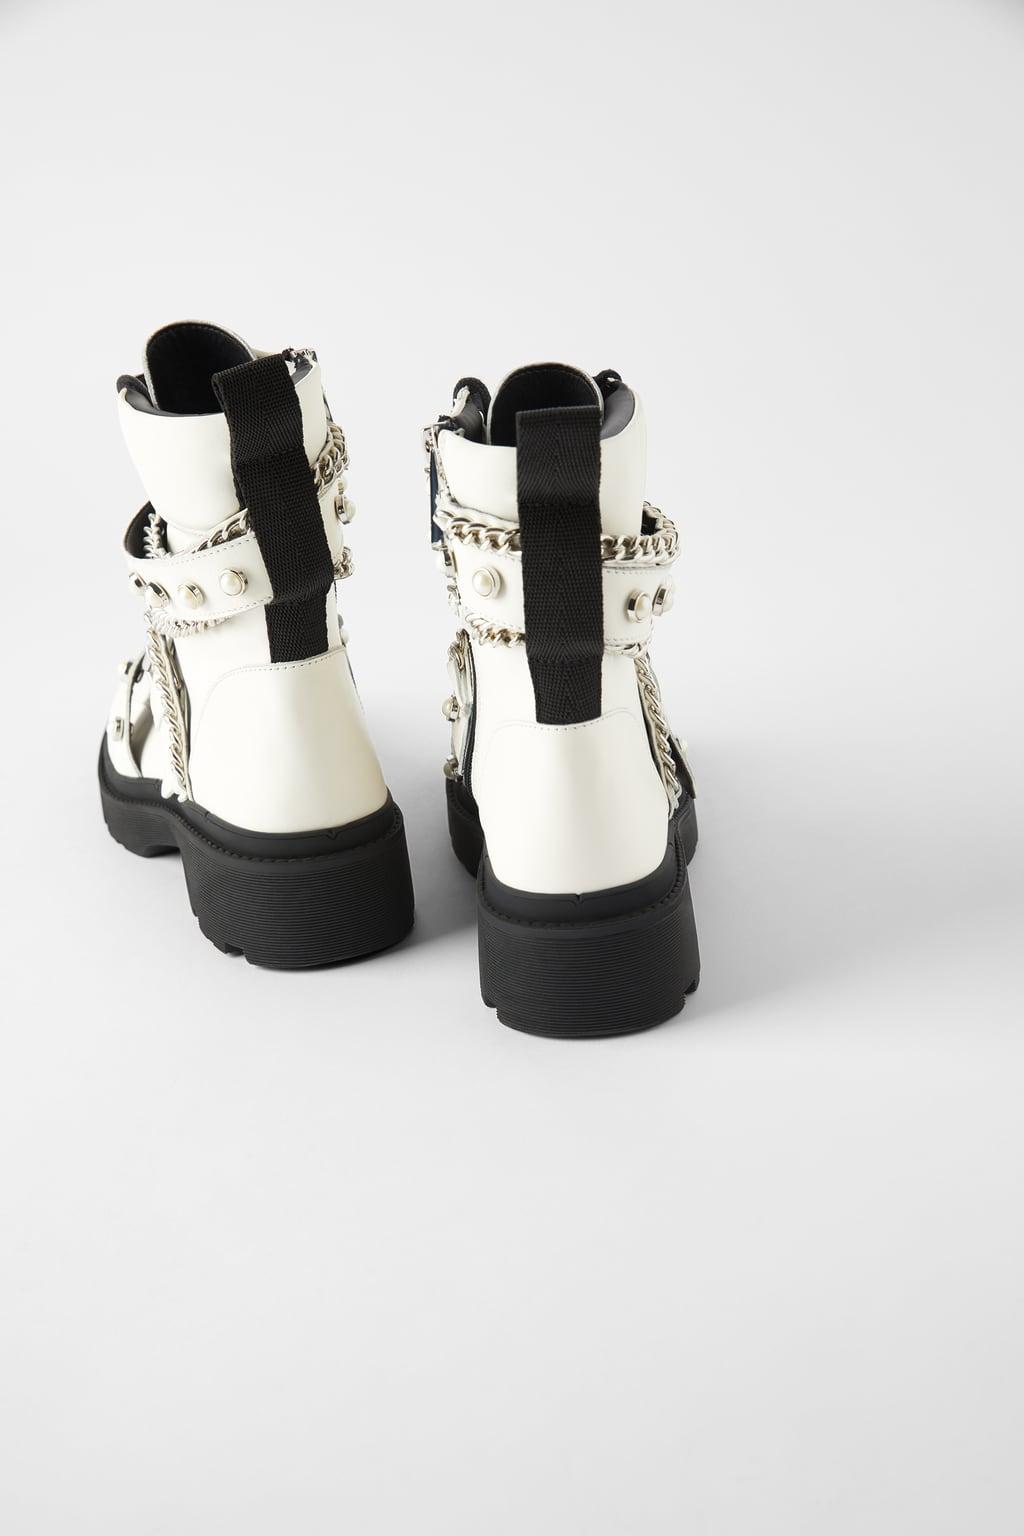 boots de motard plates 2